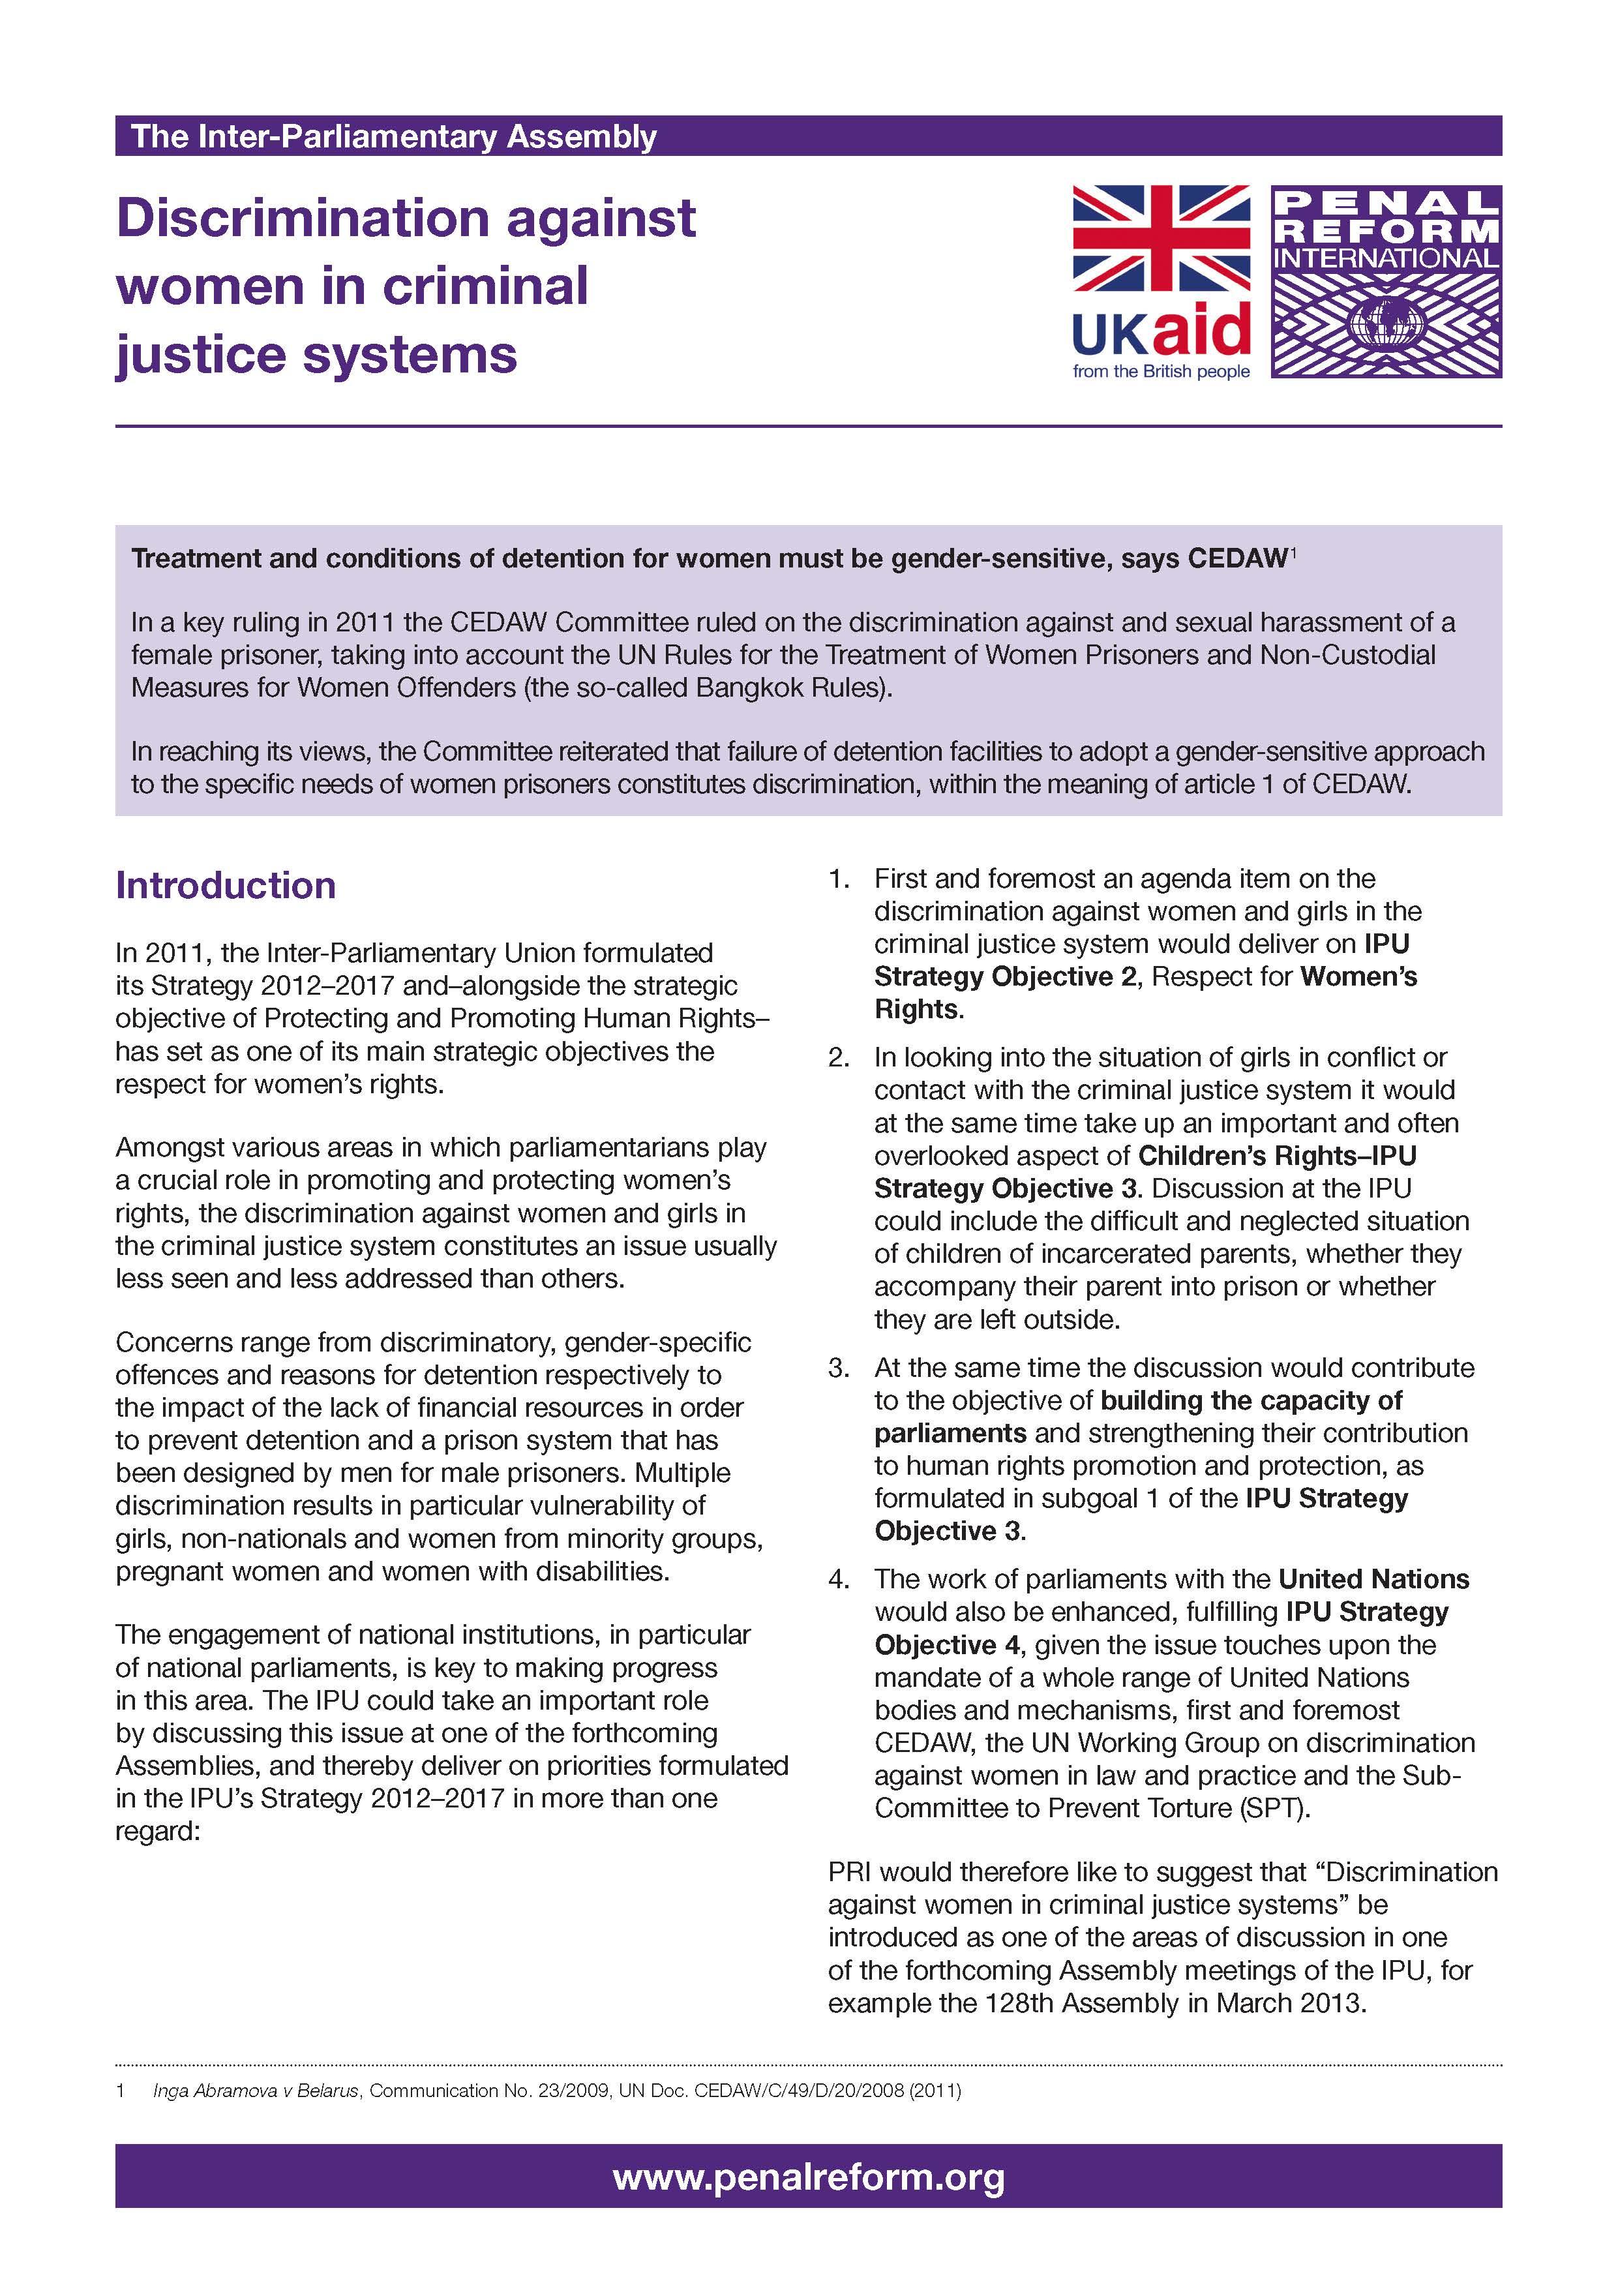 Minorities in criminal justice